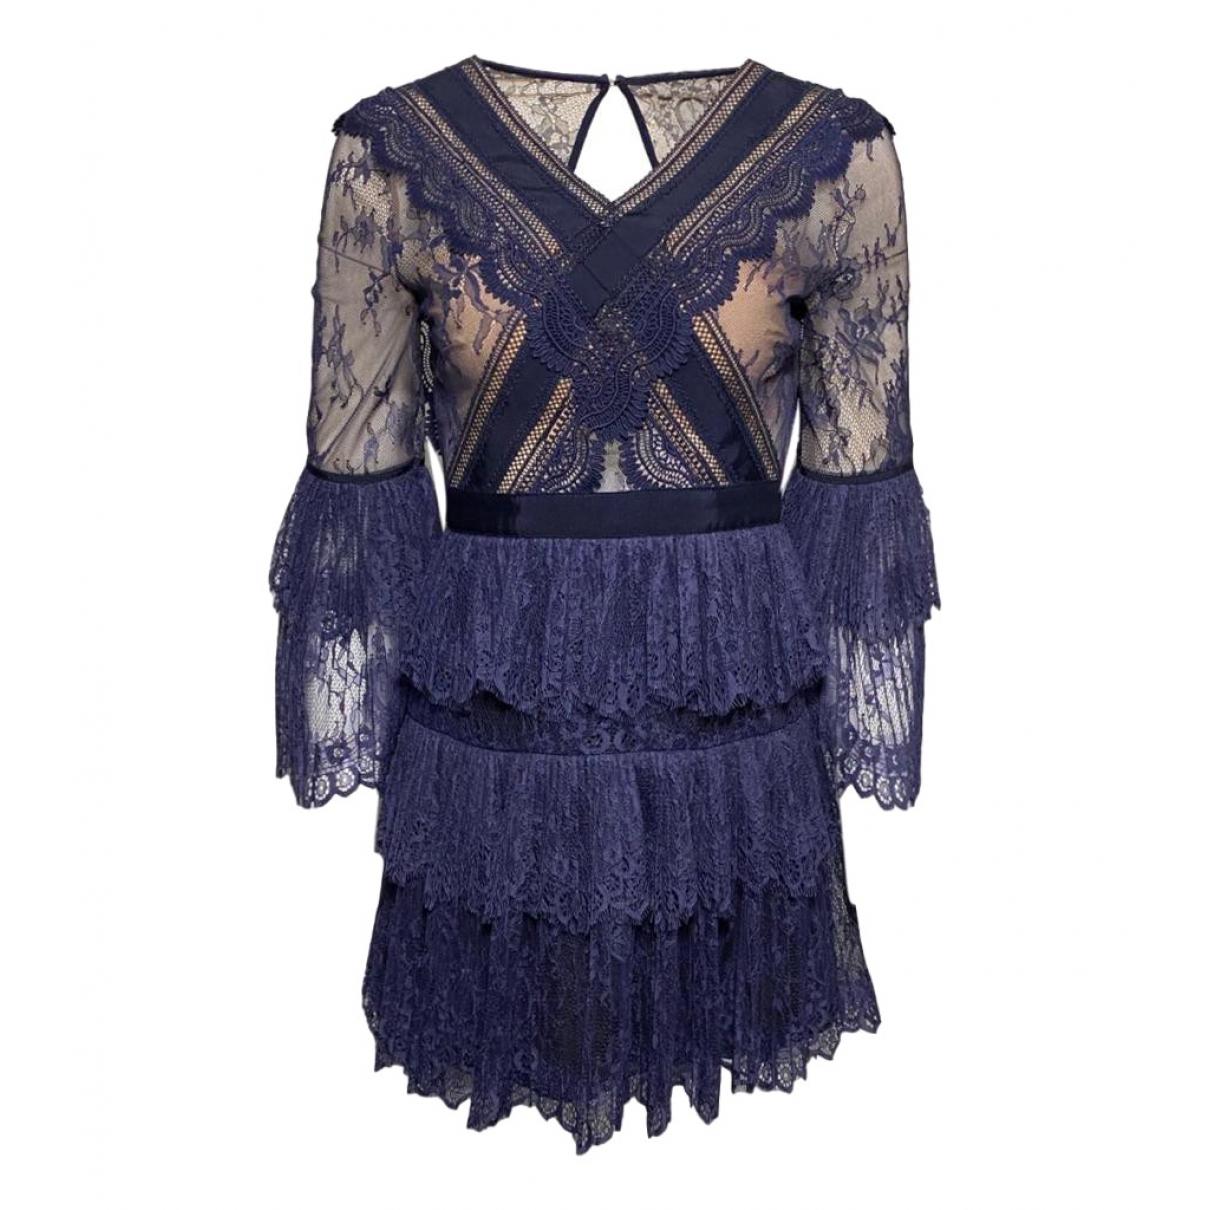 Self Portrait \N Blue Lace dress for Women 8 UK